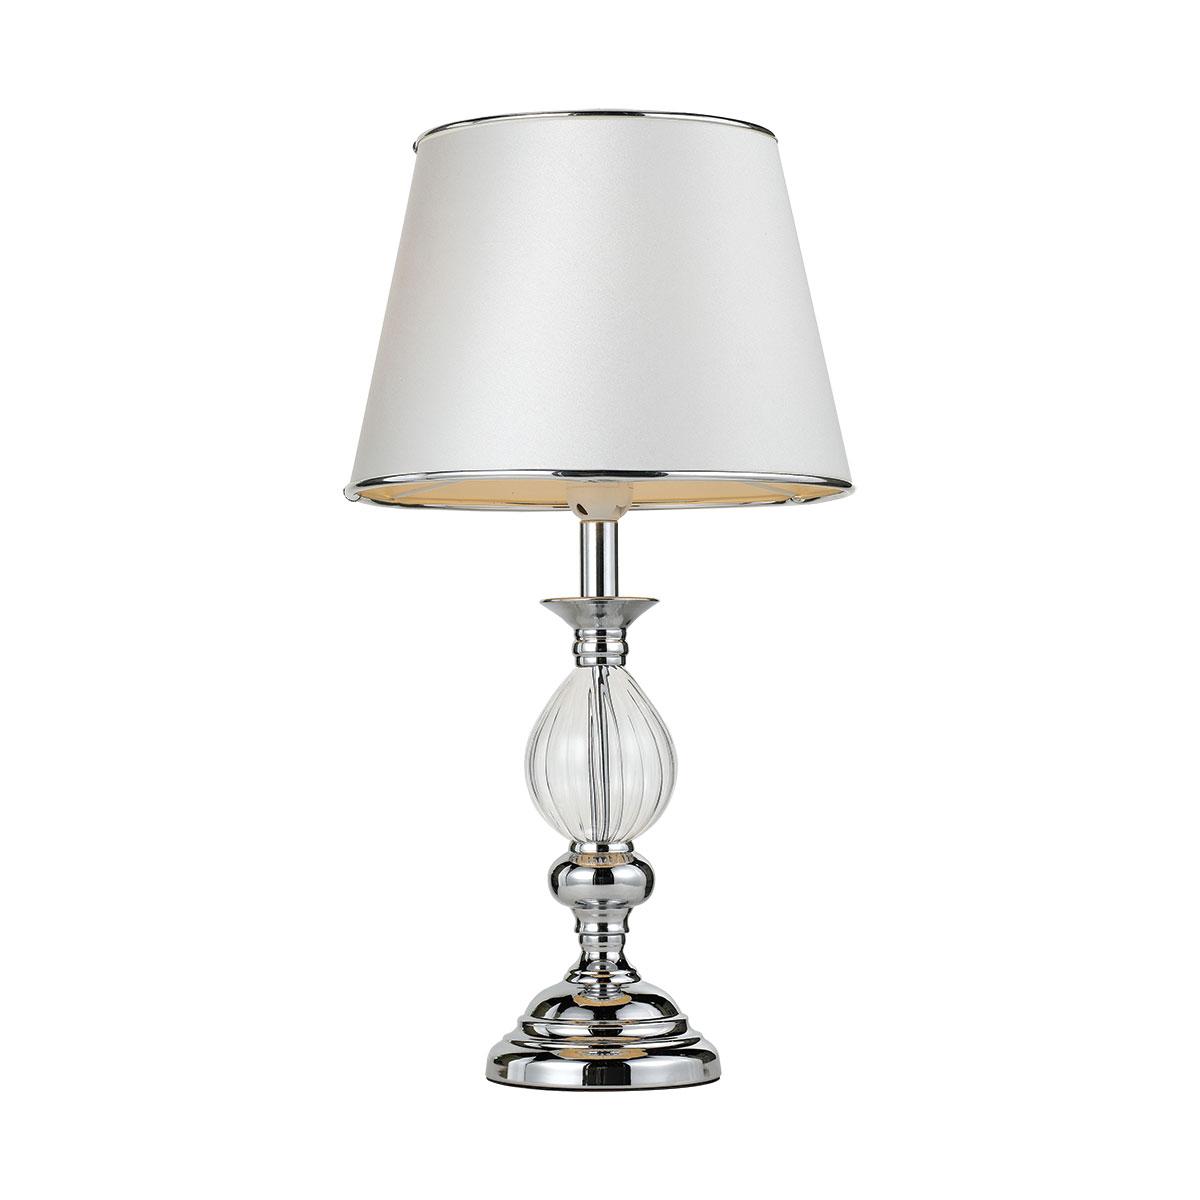 Lisa chrome table lamp online lighting lisa chrome table lamp aloadofball Images